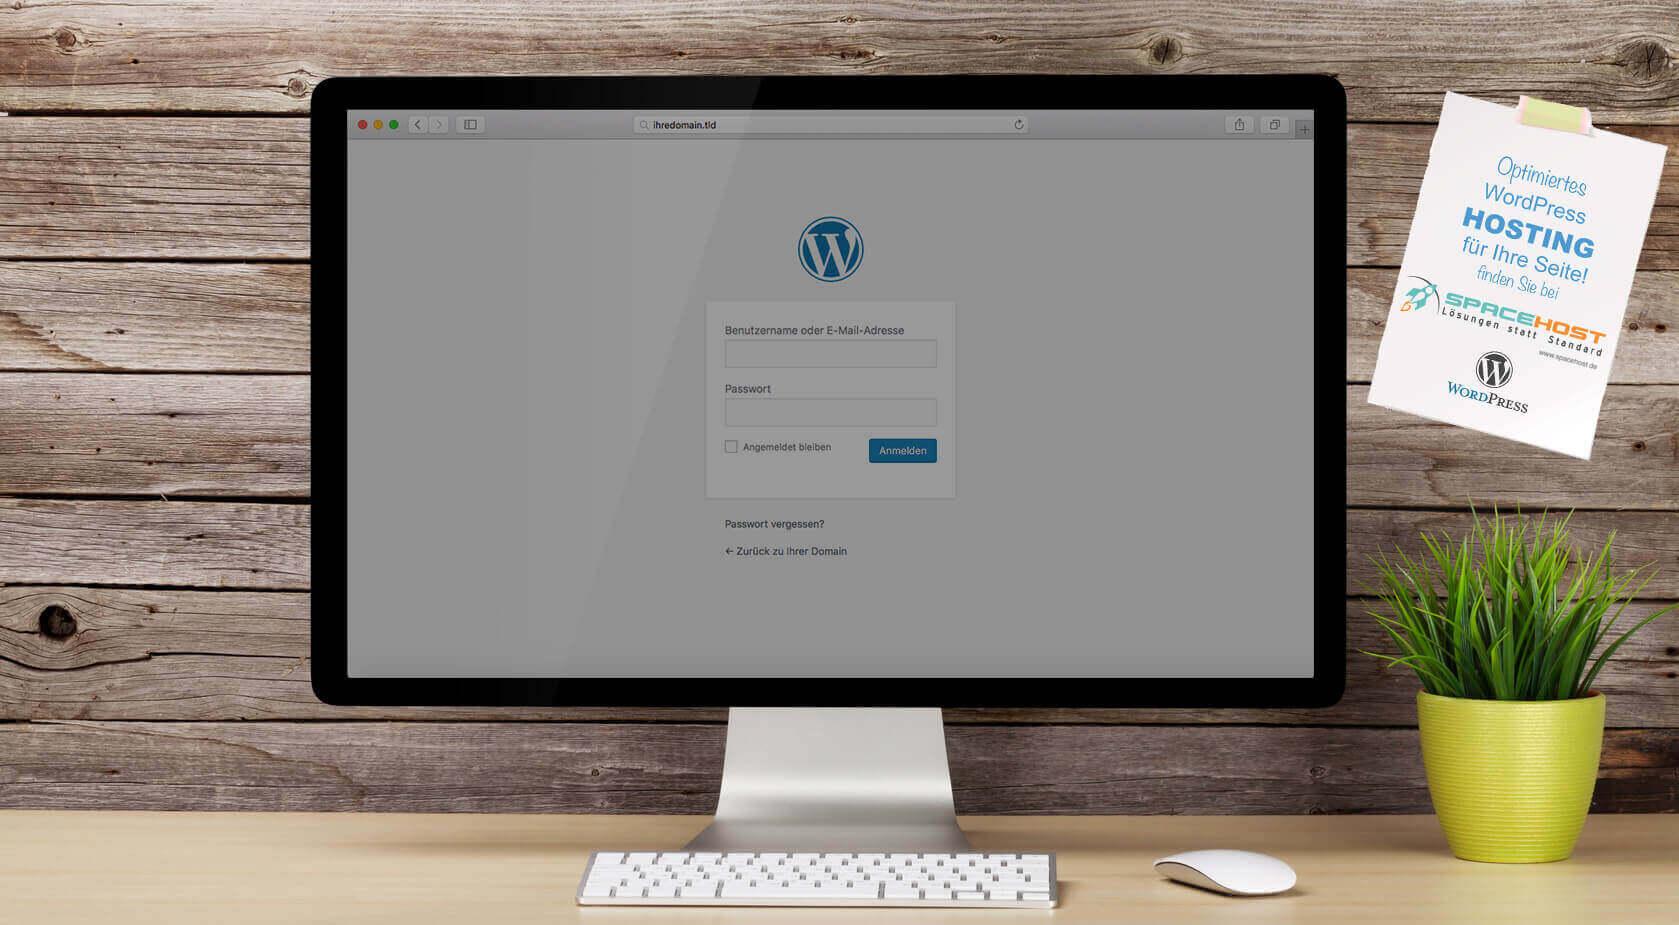 wordpress-hosting-main